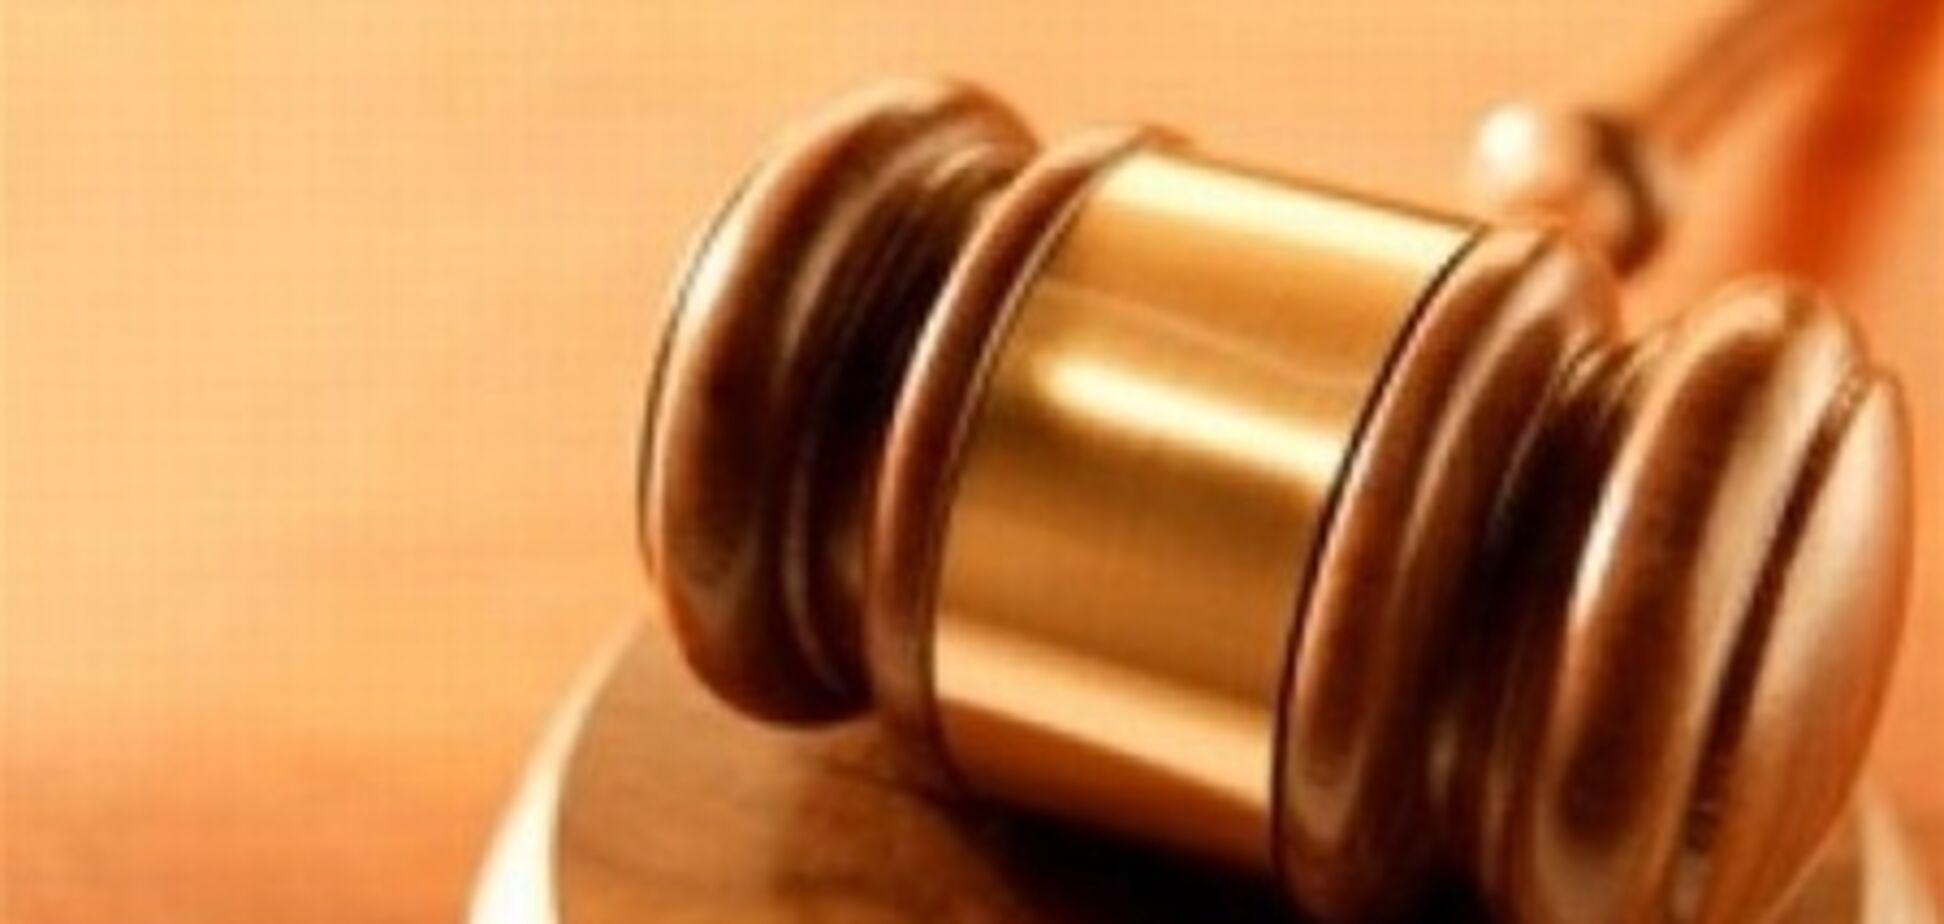 З постраждалого в обвинувачені - Строгана відправили під суд